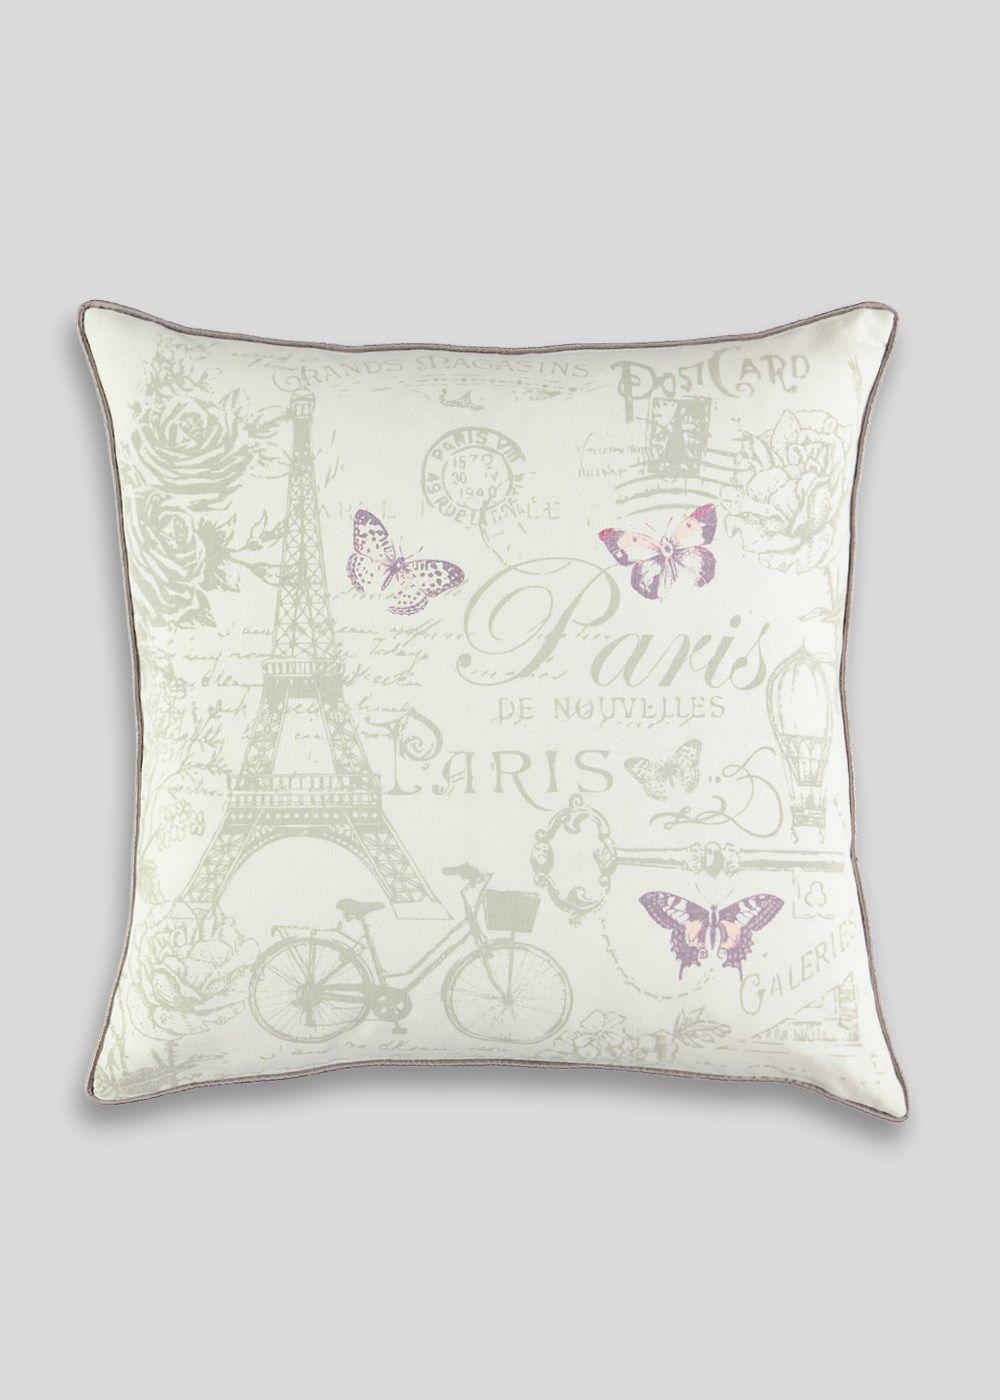 paris printed cushion  48cm x 48cm